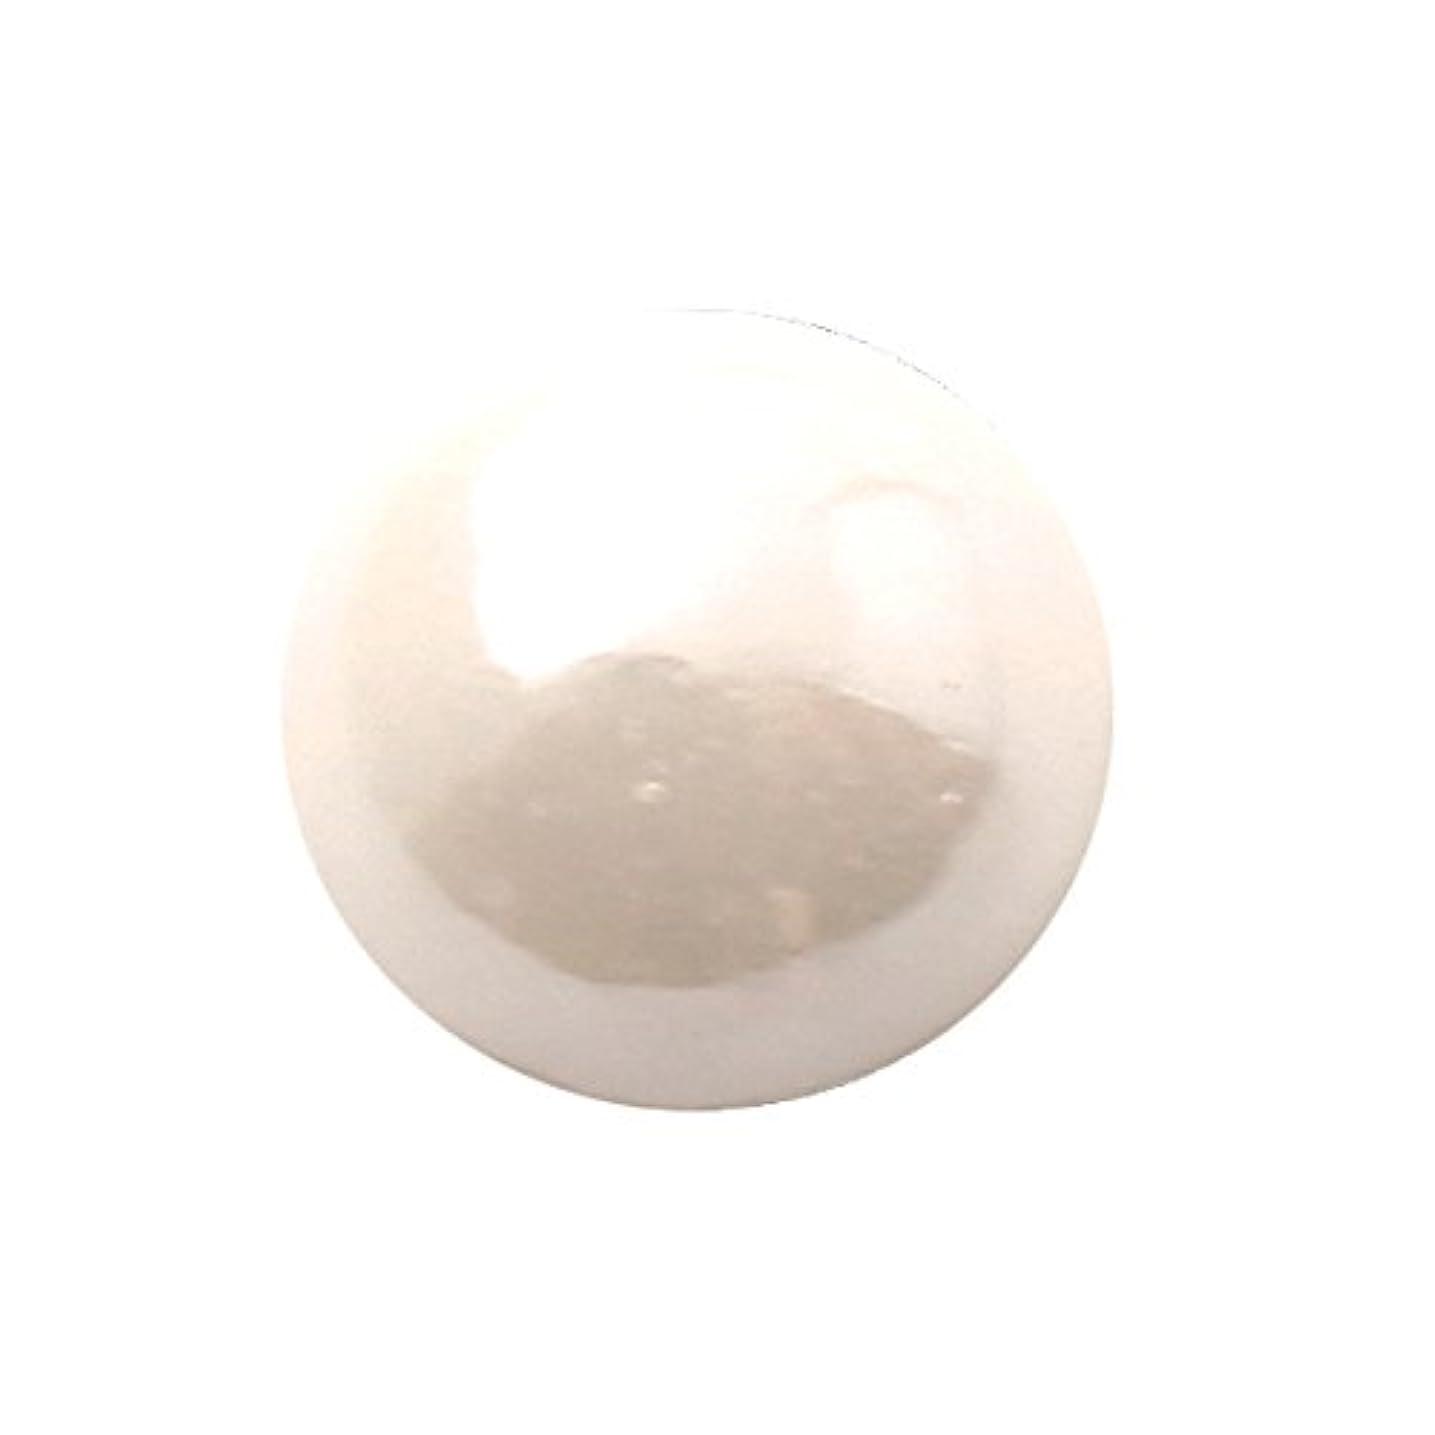 仲介者投げる幻想的グラスパールラウンド 3mm(各50個) ホワイト